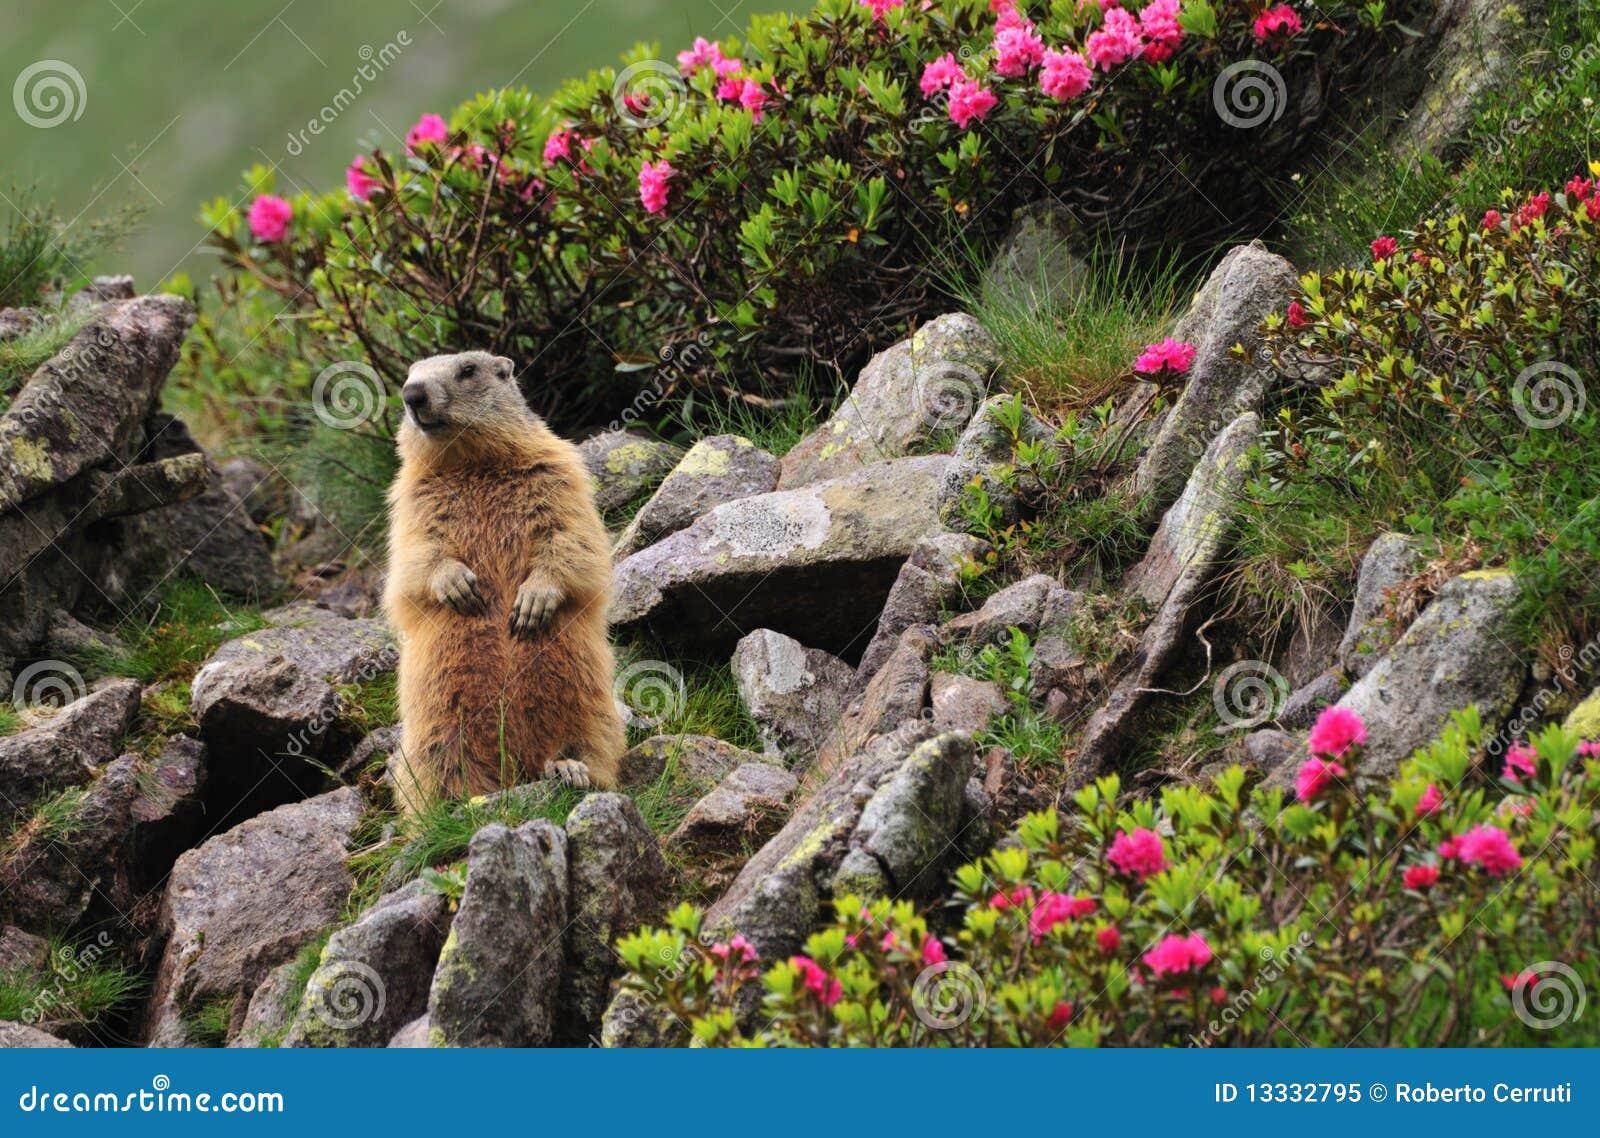 Marmota entre flores